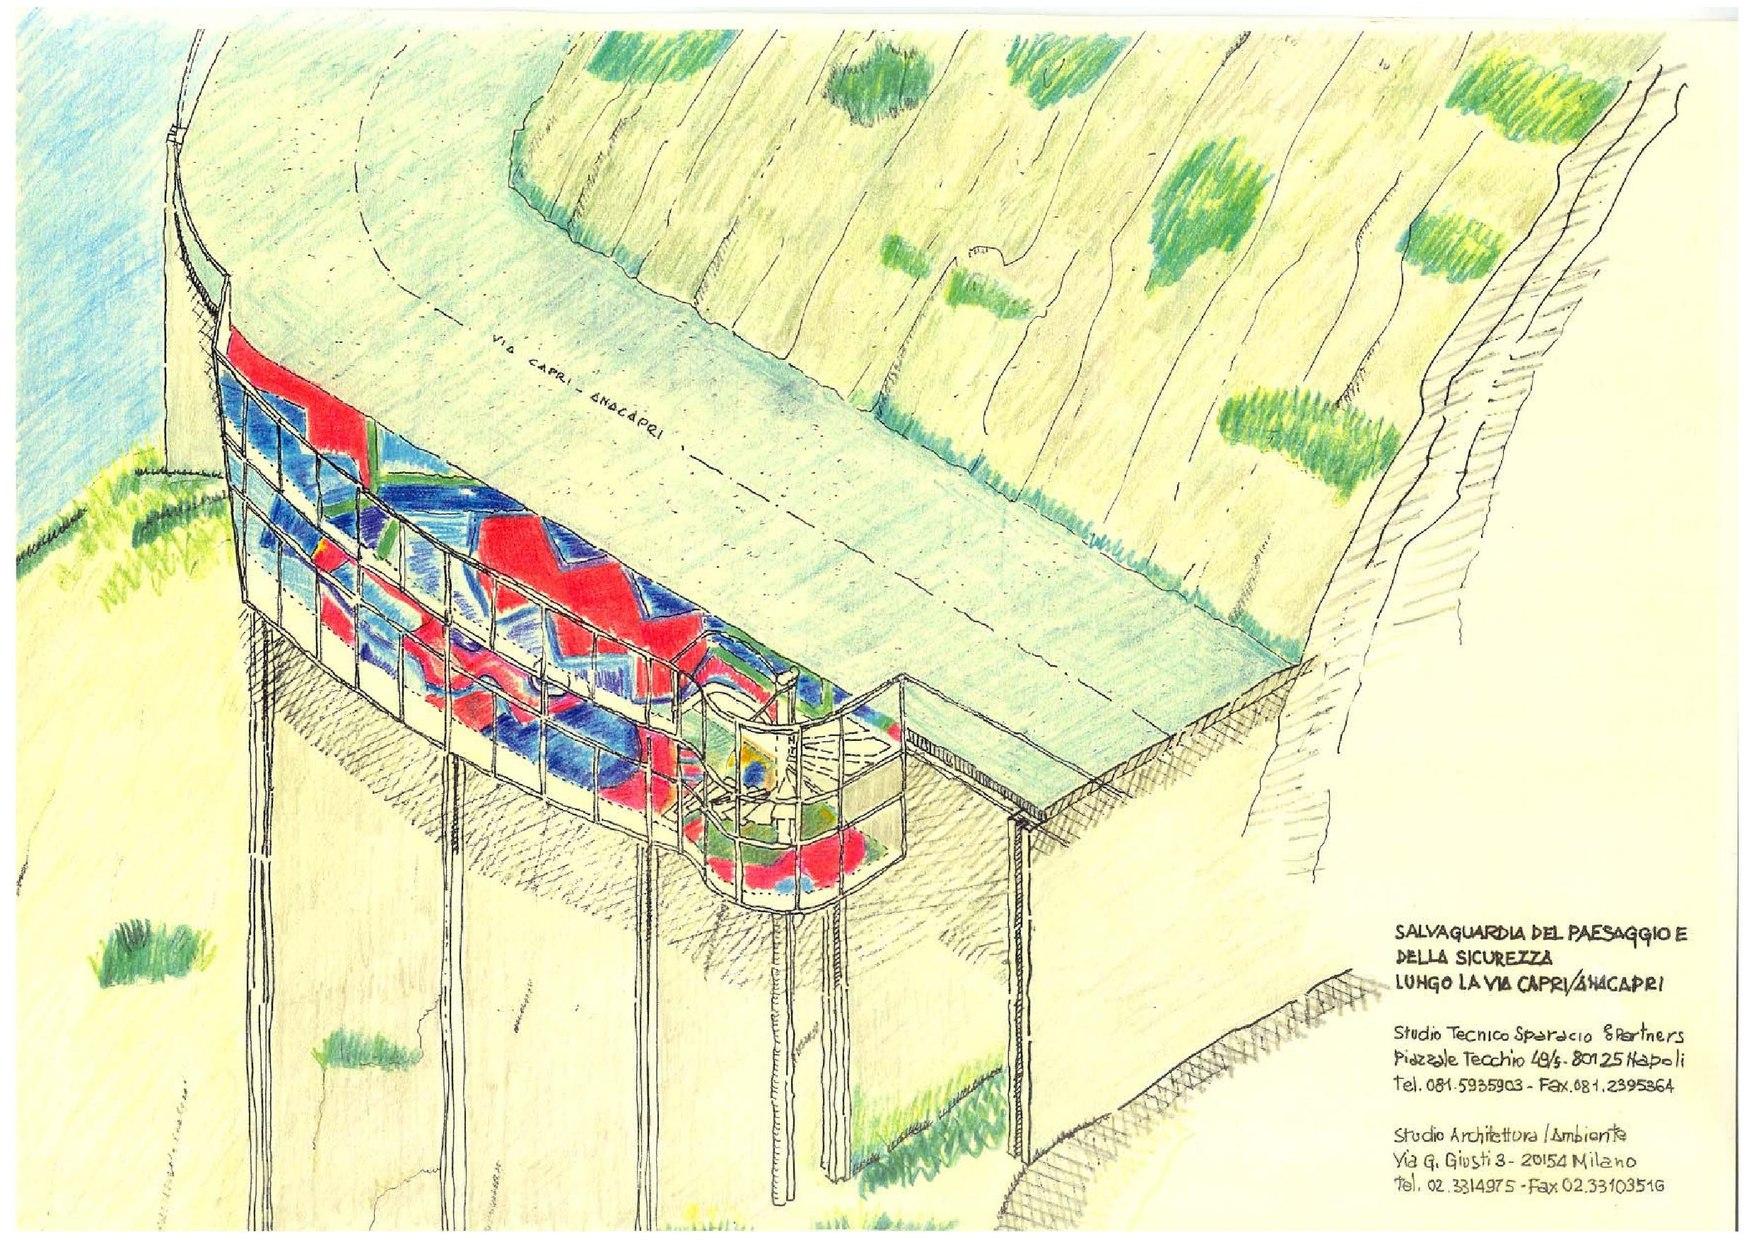 Studio Architettura Paesaggio Milano file:0 copertina book.pdf - wikimedia commons